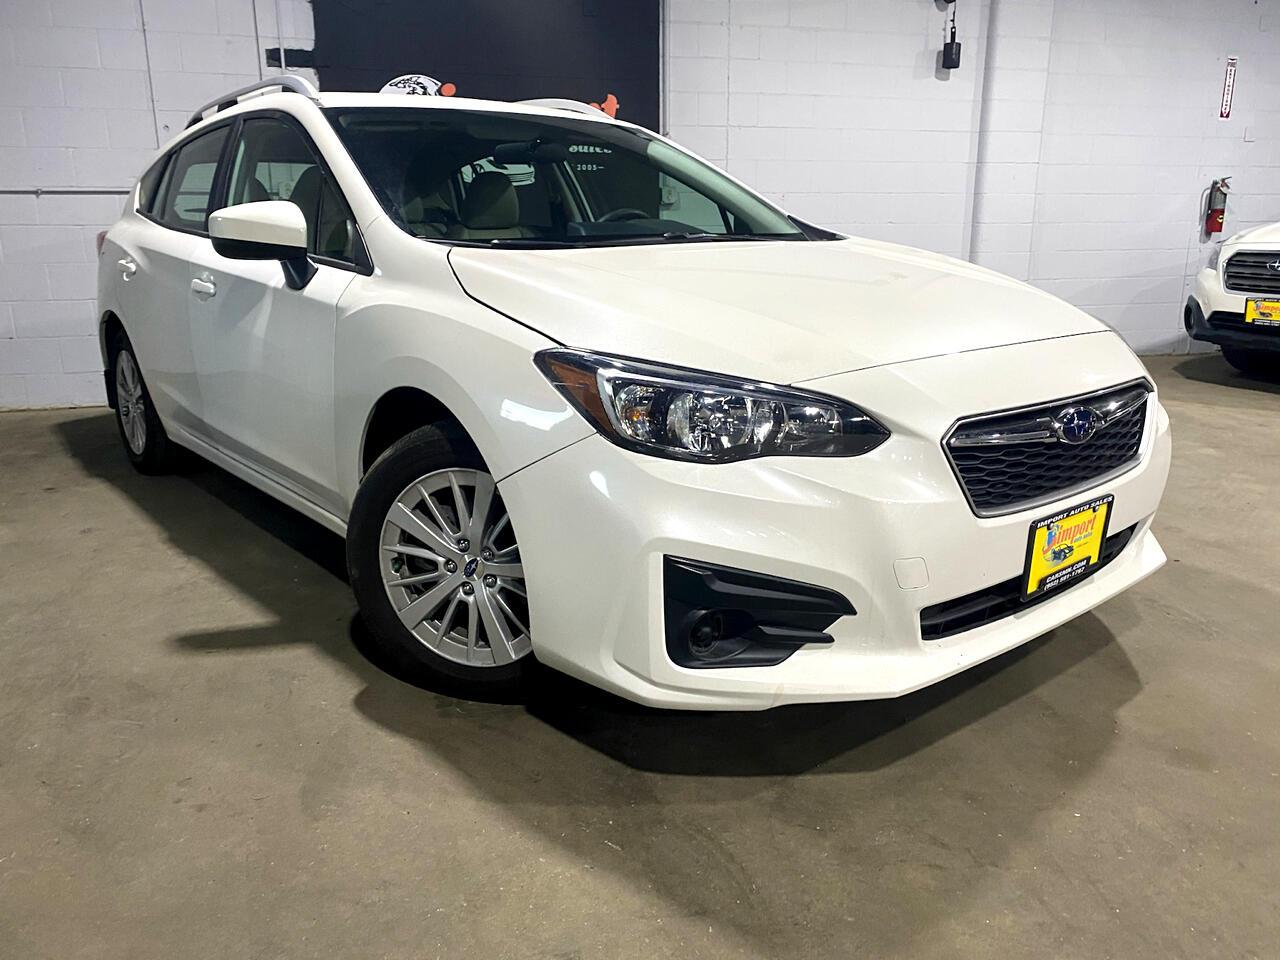 Subaru Impreza 2.0i Premium 5-door CVT 2018